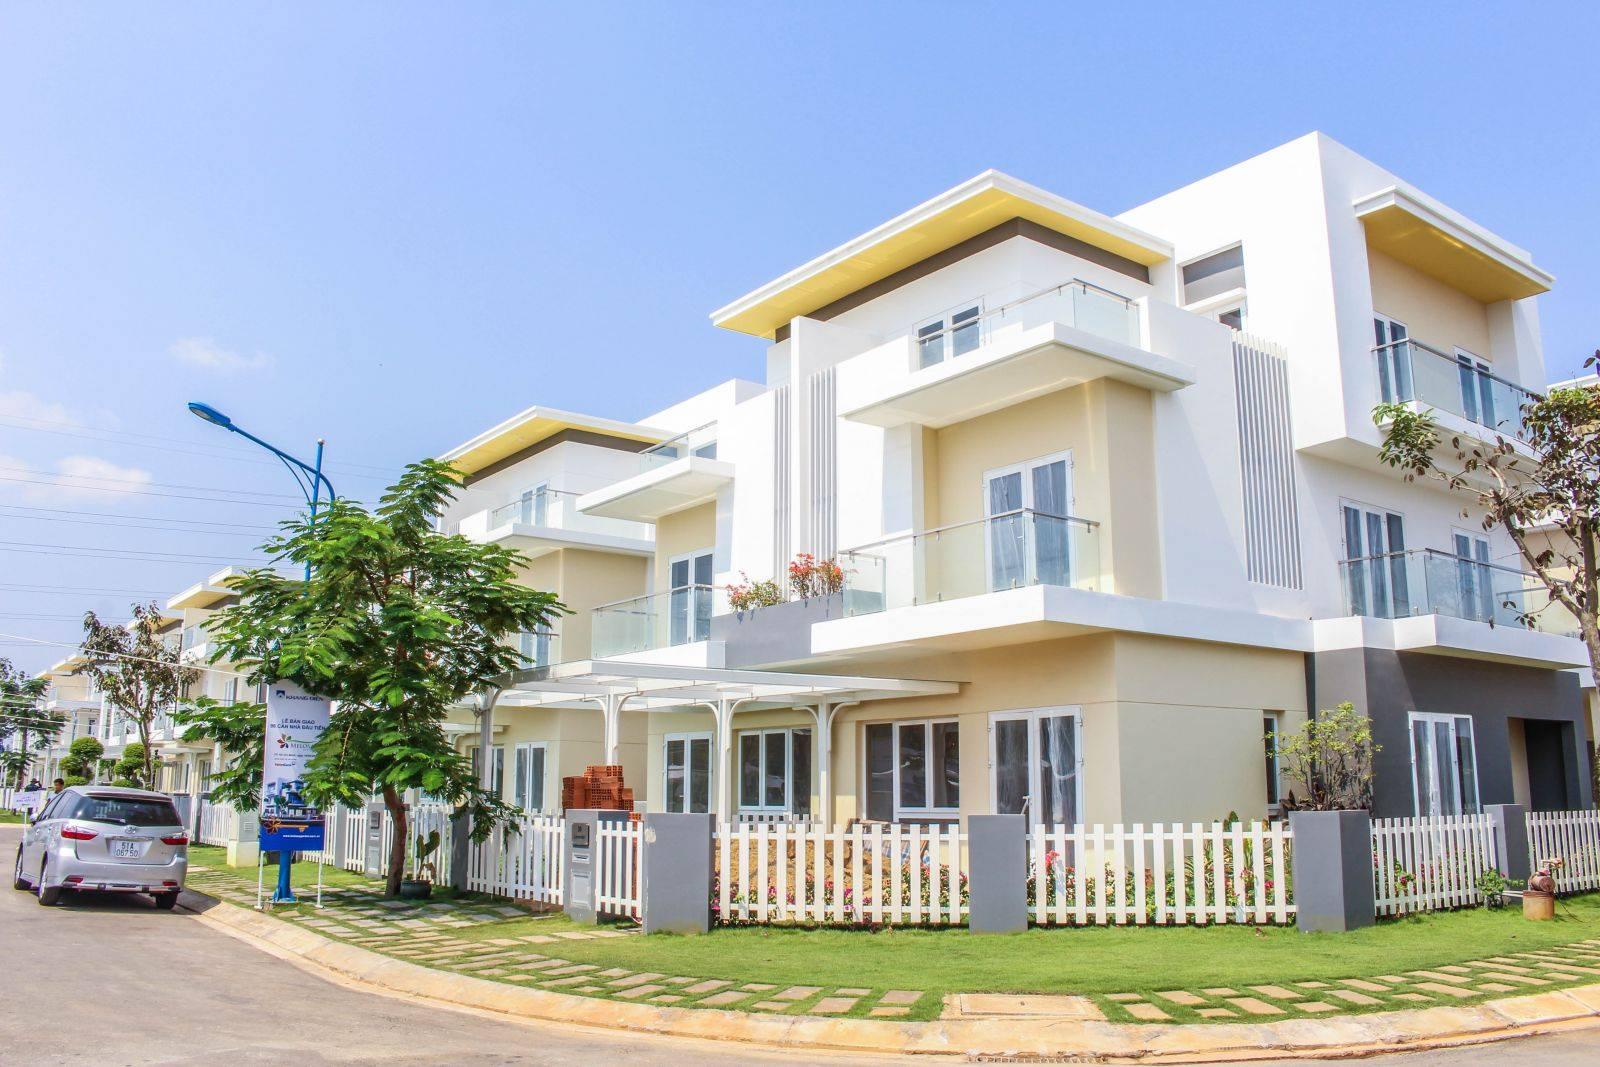 Chọn mua nhà, biệt thự mới xây cần lưu ý gì về phong thủy? - Ảnh 1.